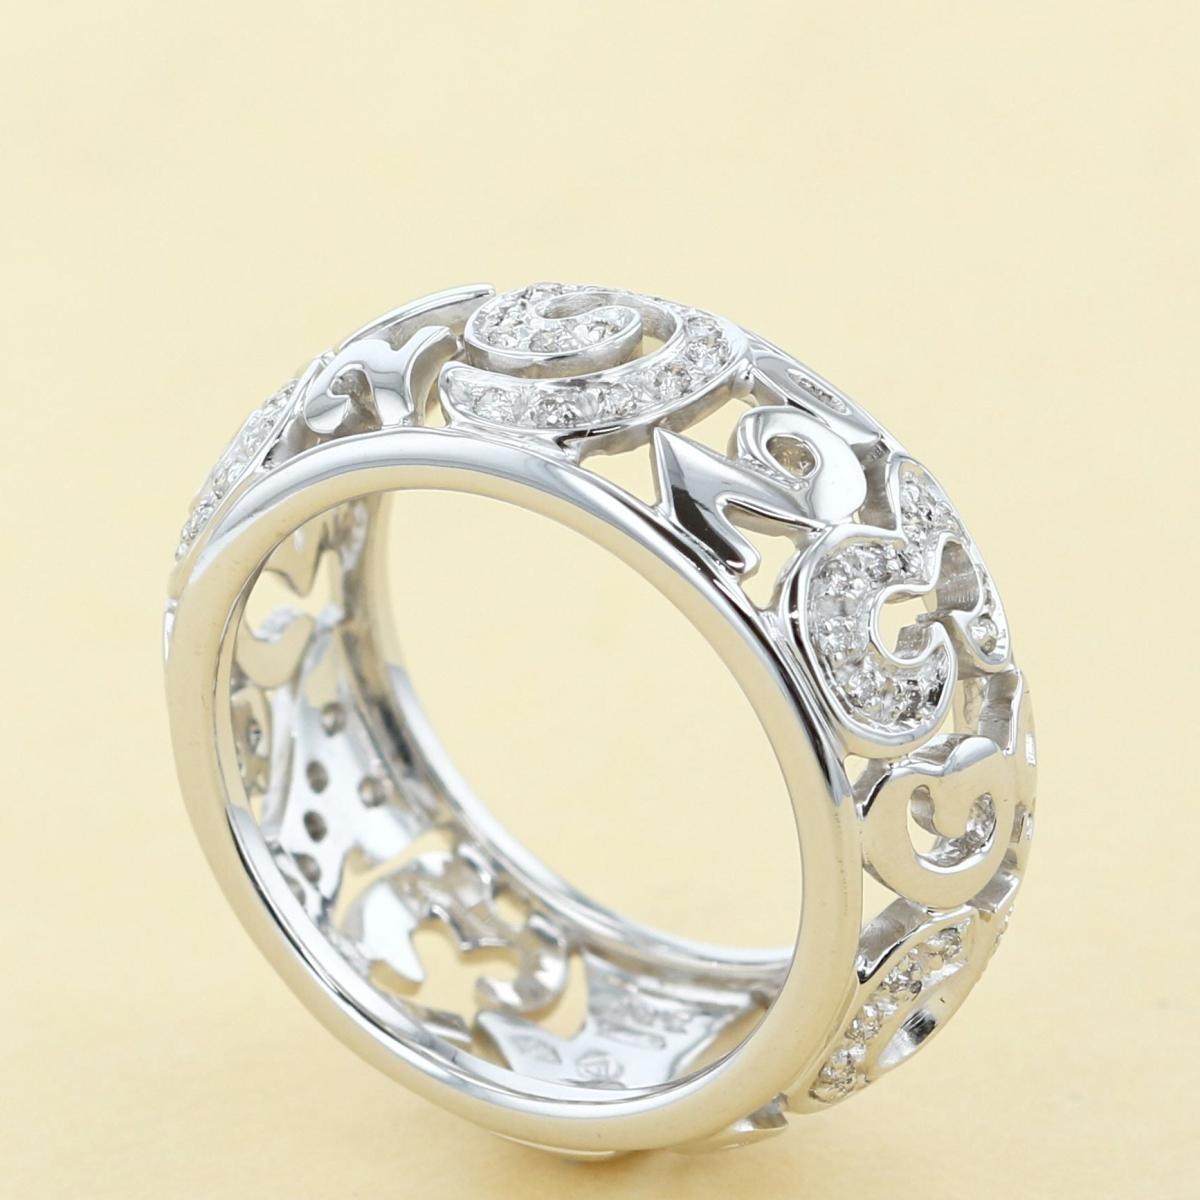 【即日発送・水曜定休日・木曜発送】【美品】【オススメ】【19号】【RI】 FRANCK MULLER (フランクミュラー) ダイヤモンド タリスマン リング 750WG ブランドジュエリー 指輪 Talisman 750WG